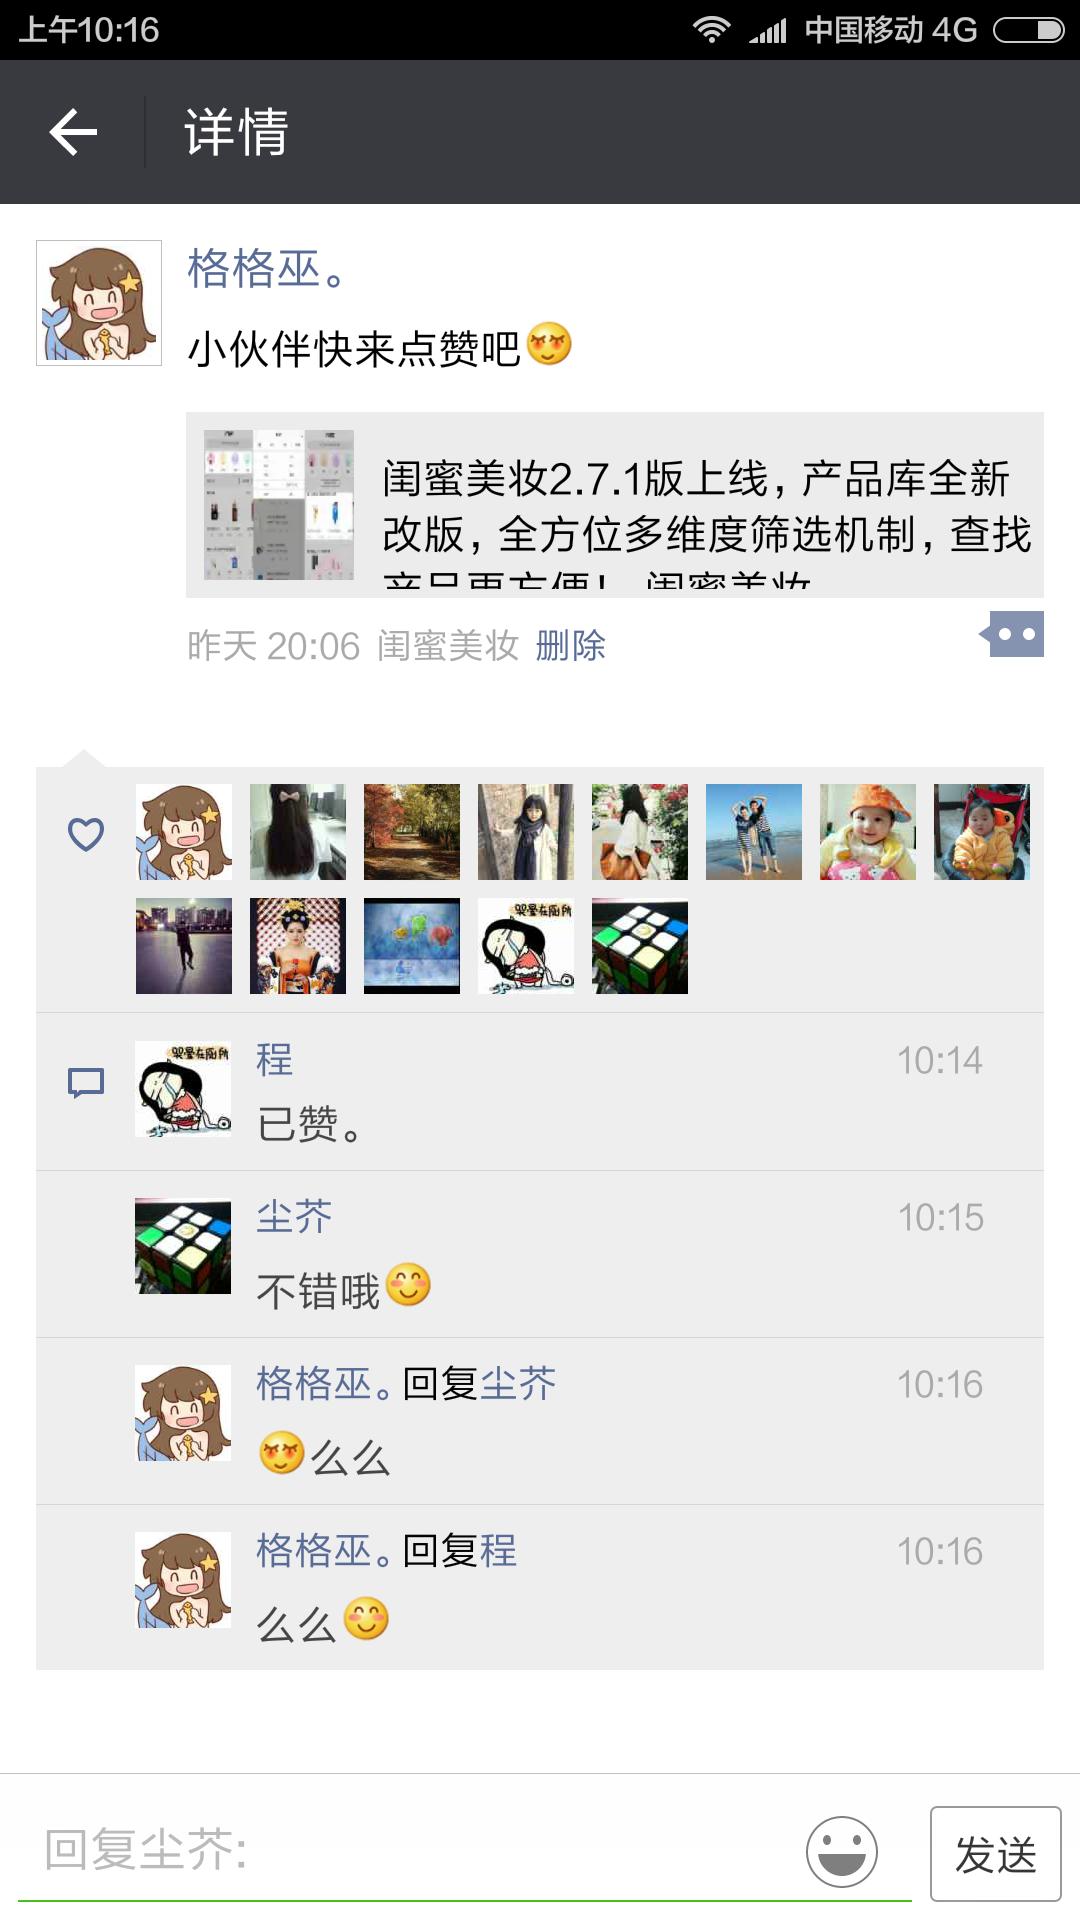 Screenshot_2016-03-16-10-16-44_com.tencent.mm.png